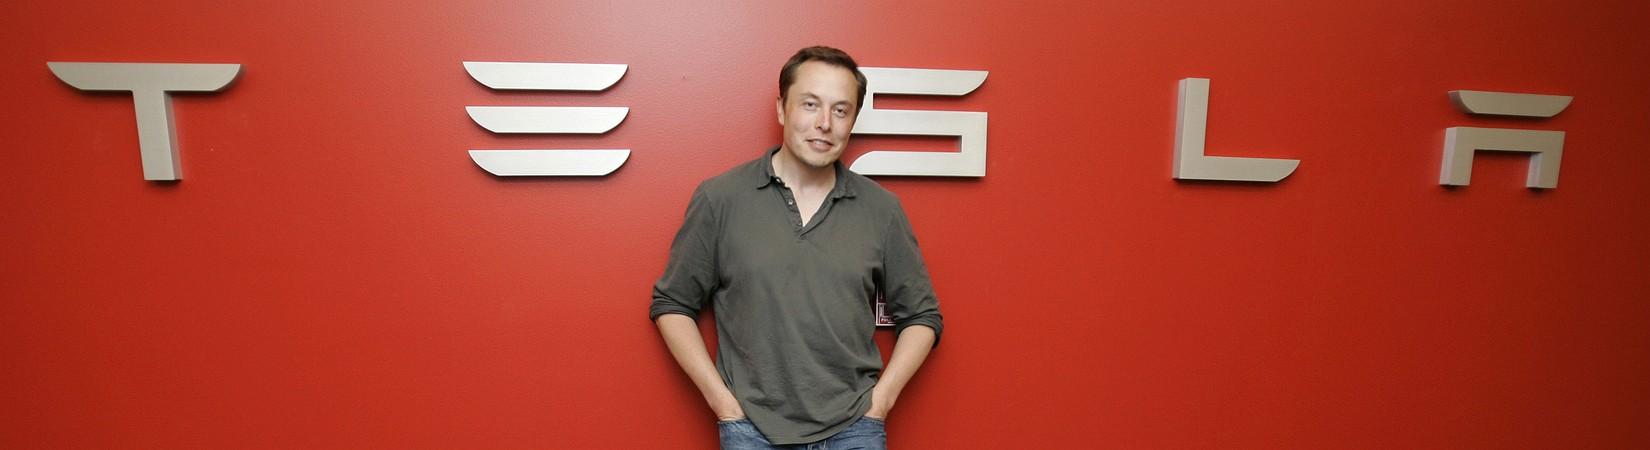 Elon Musk revelou data de lançamento do Model 3 da Tesla